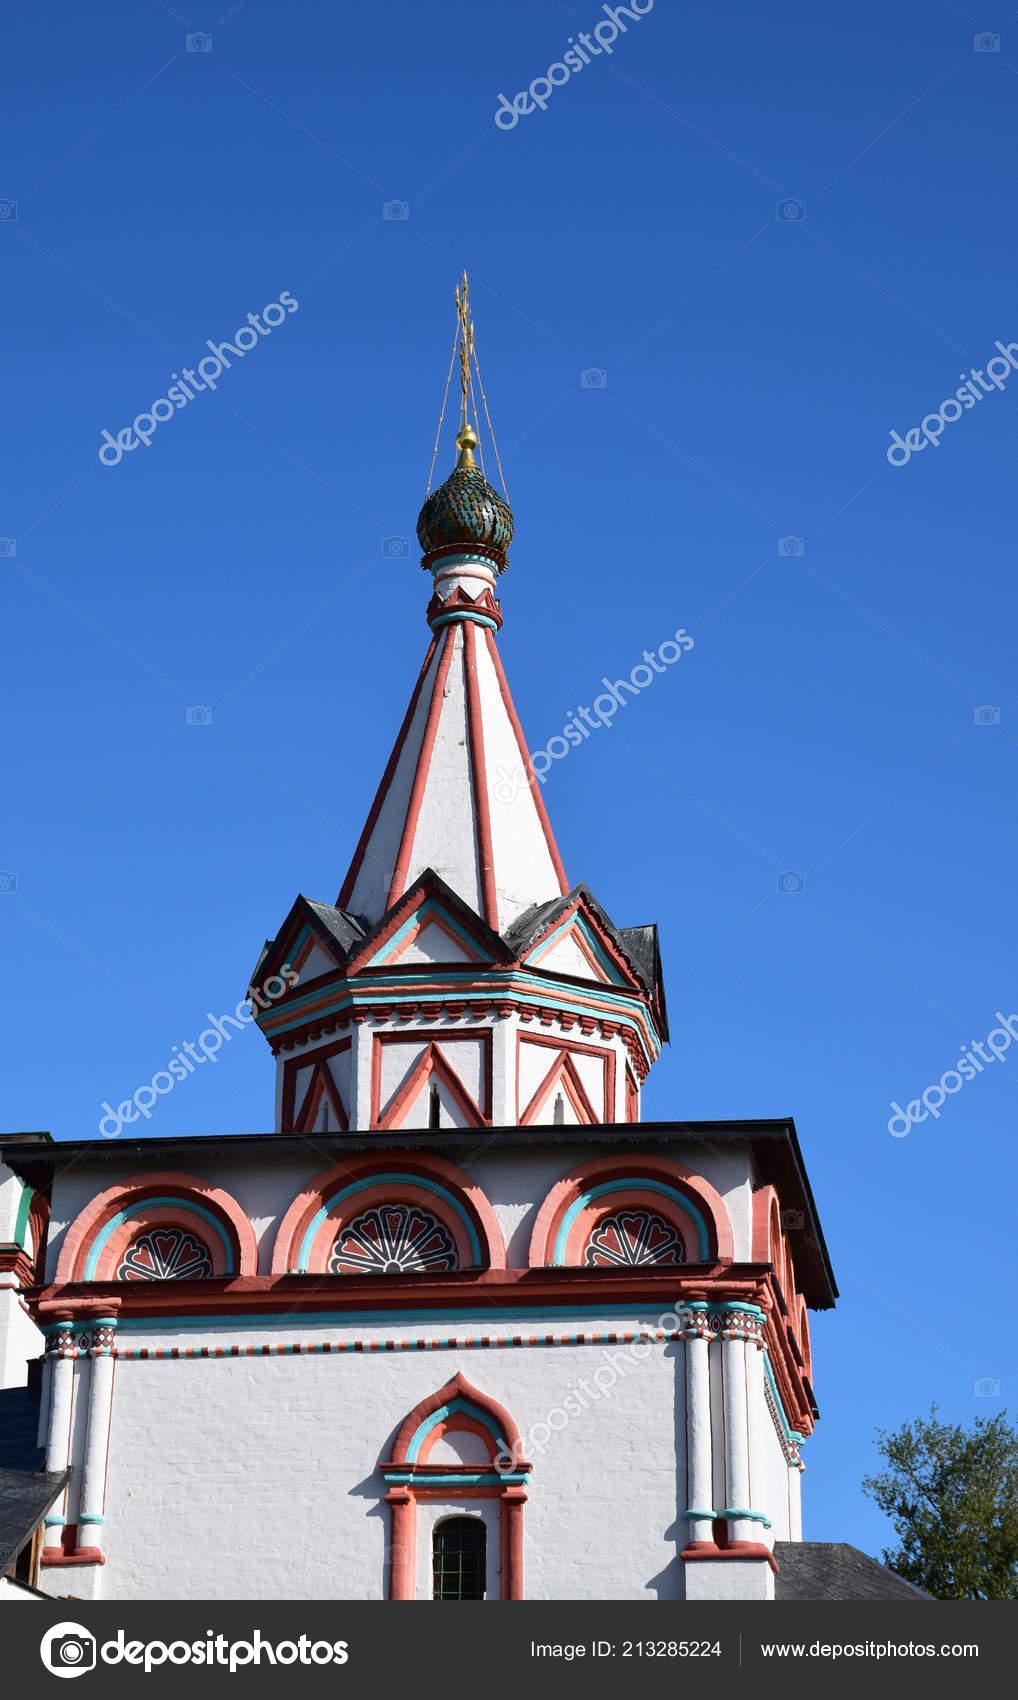 Саввино-Сторожевский монастырь был основан в 1398 году монах Савва вблизи  города Звенигород. Россия, г. Звенигород, августа 2018 — Фото автора ...